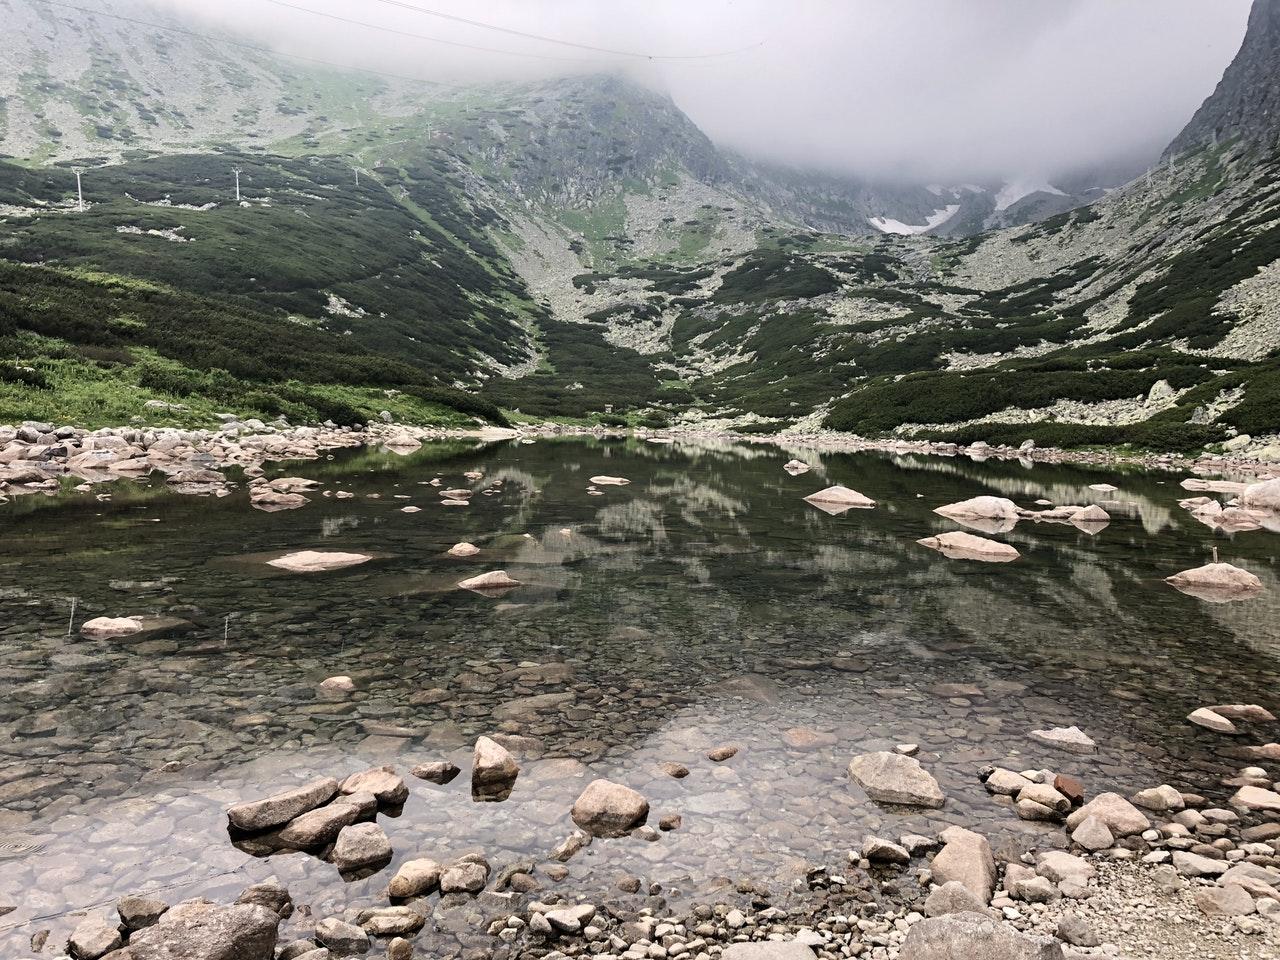 Ubytovanie v Nízkych Tatrách: Príležitosť ako spojiť zdravie, zábavu a relax